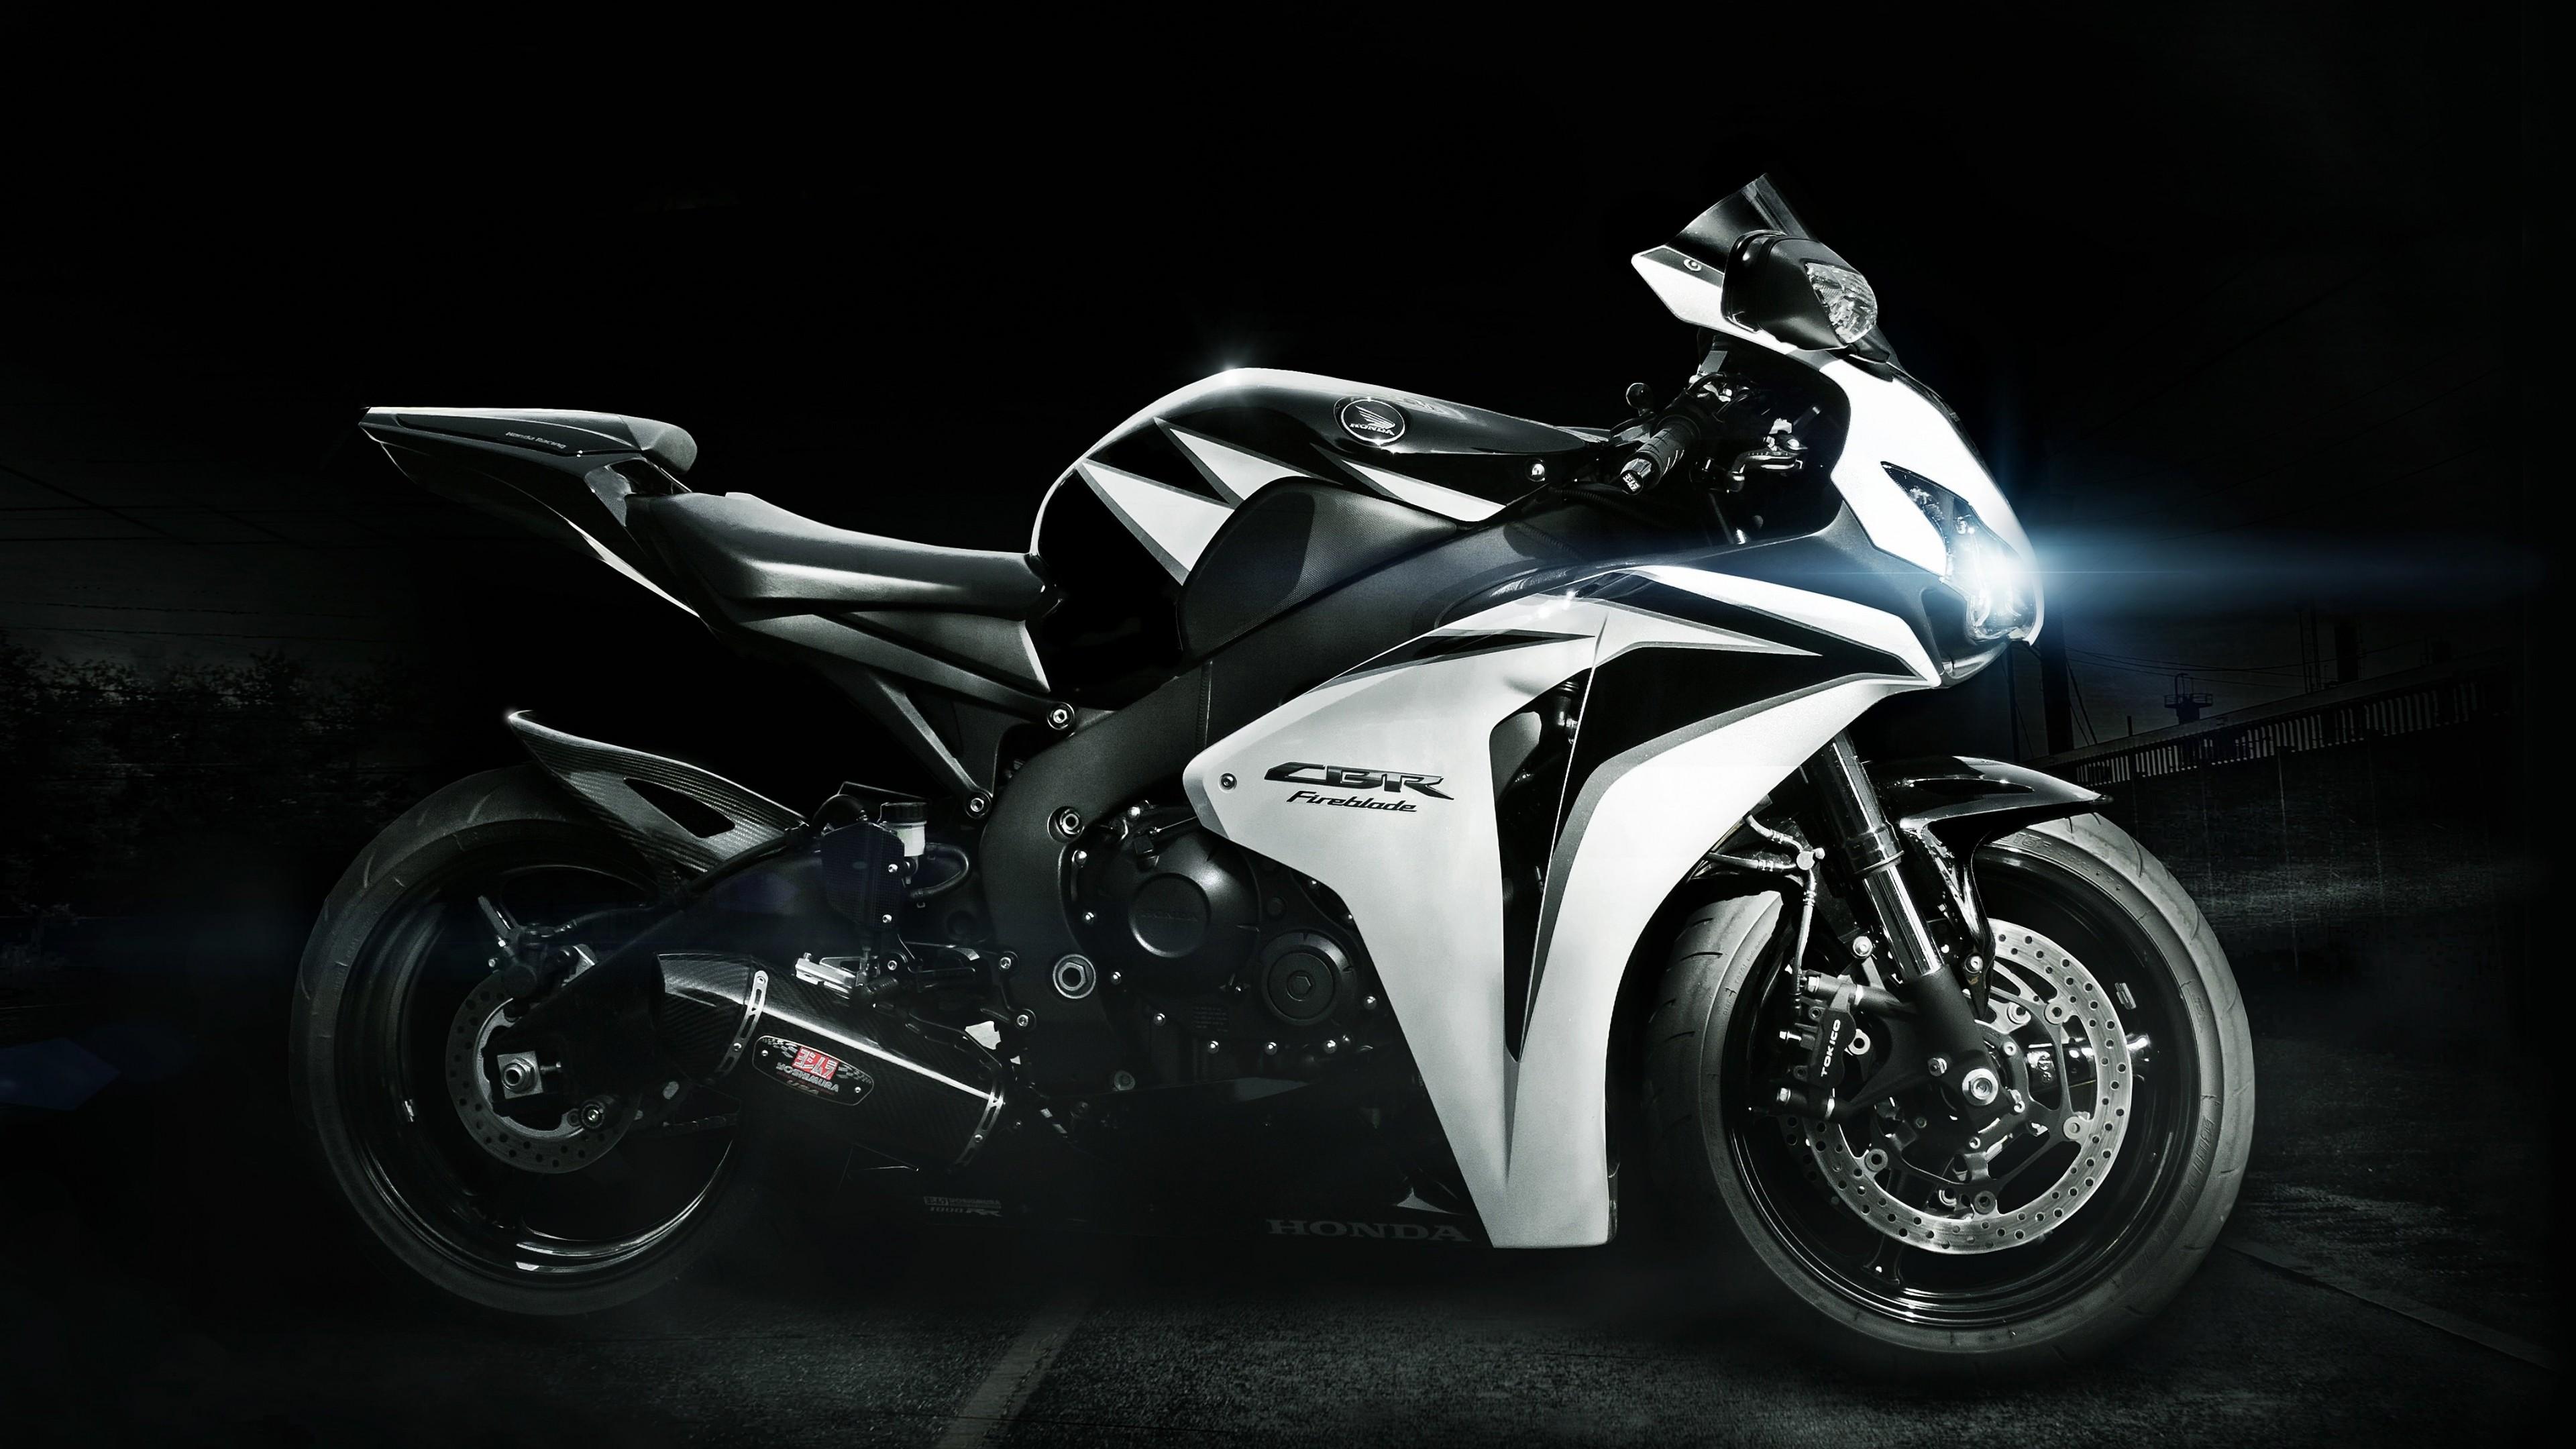 Honda Cbr Motorcycle 4k Hd Desktop Wallpaper For 4k Ultra: Download Honda CBR Fireblade HD Wallpaper For 4K 3840 X